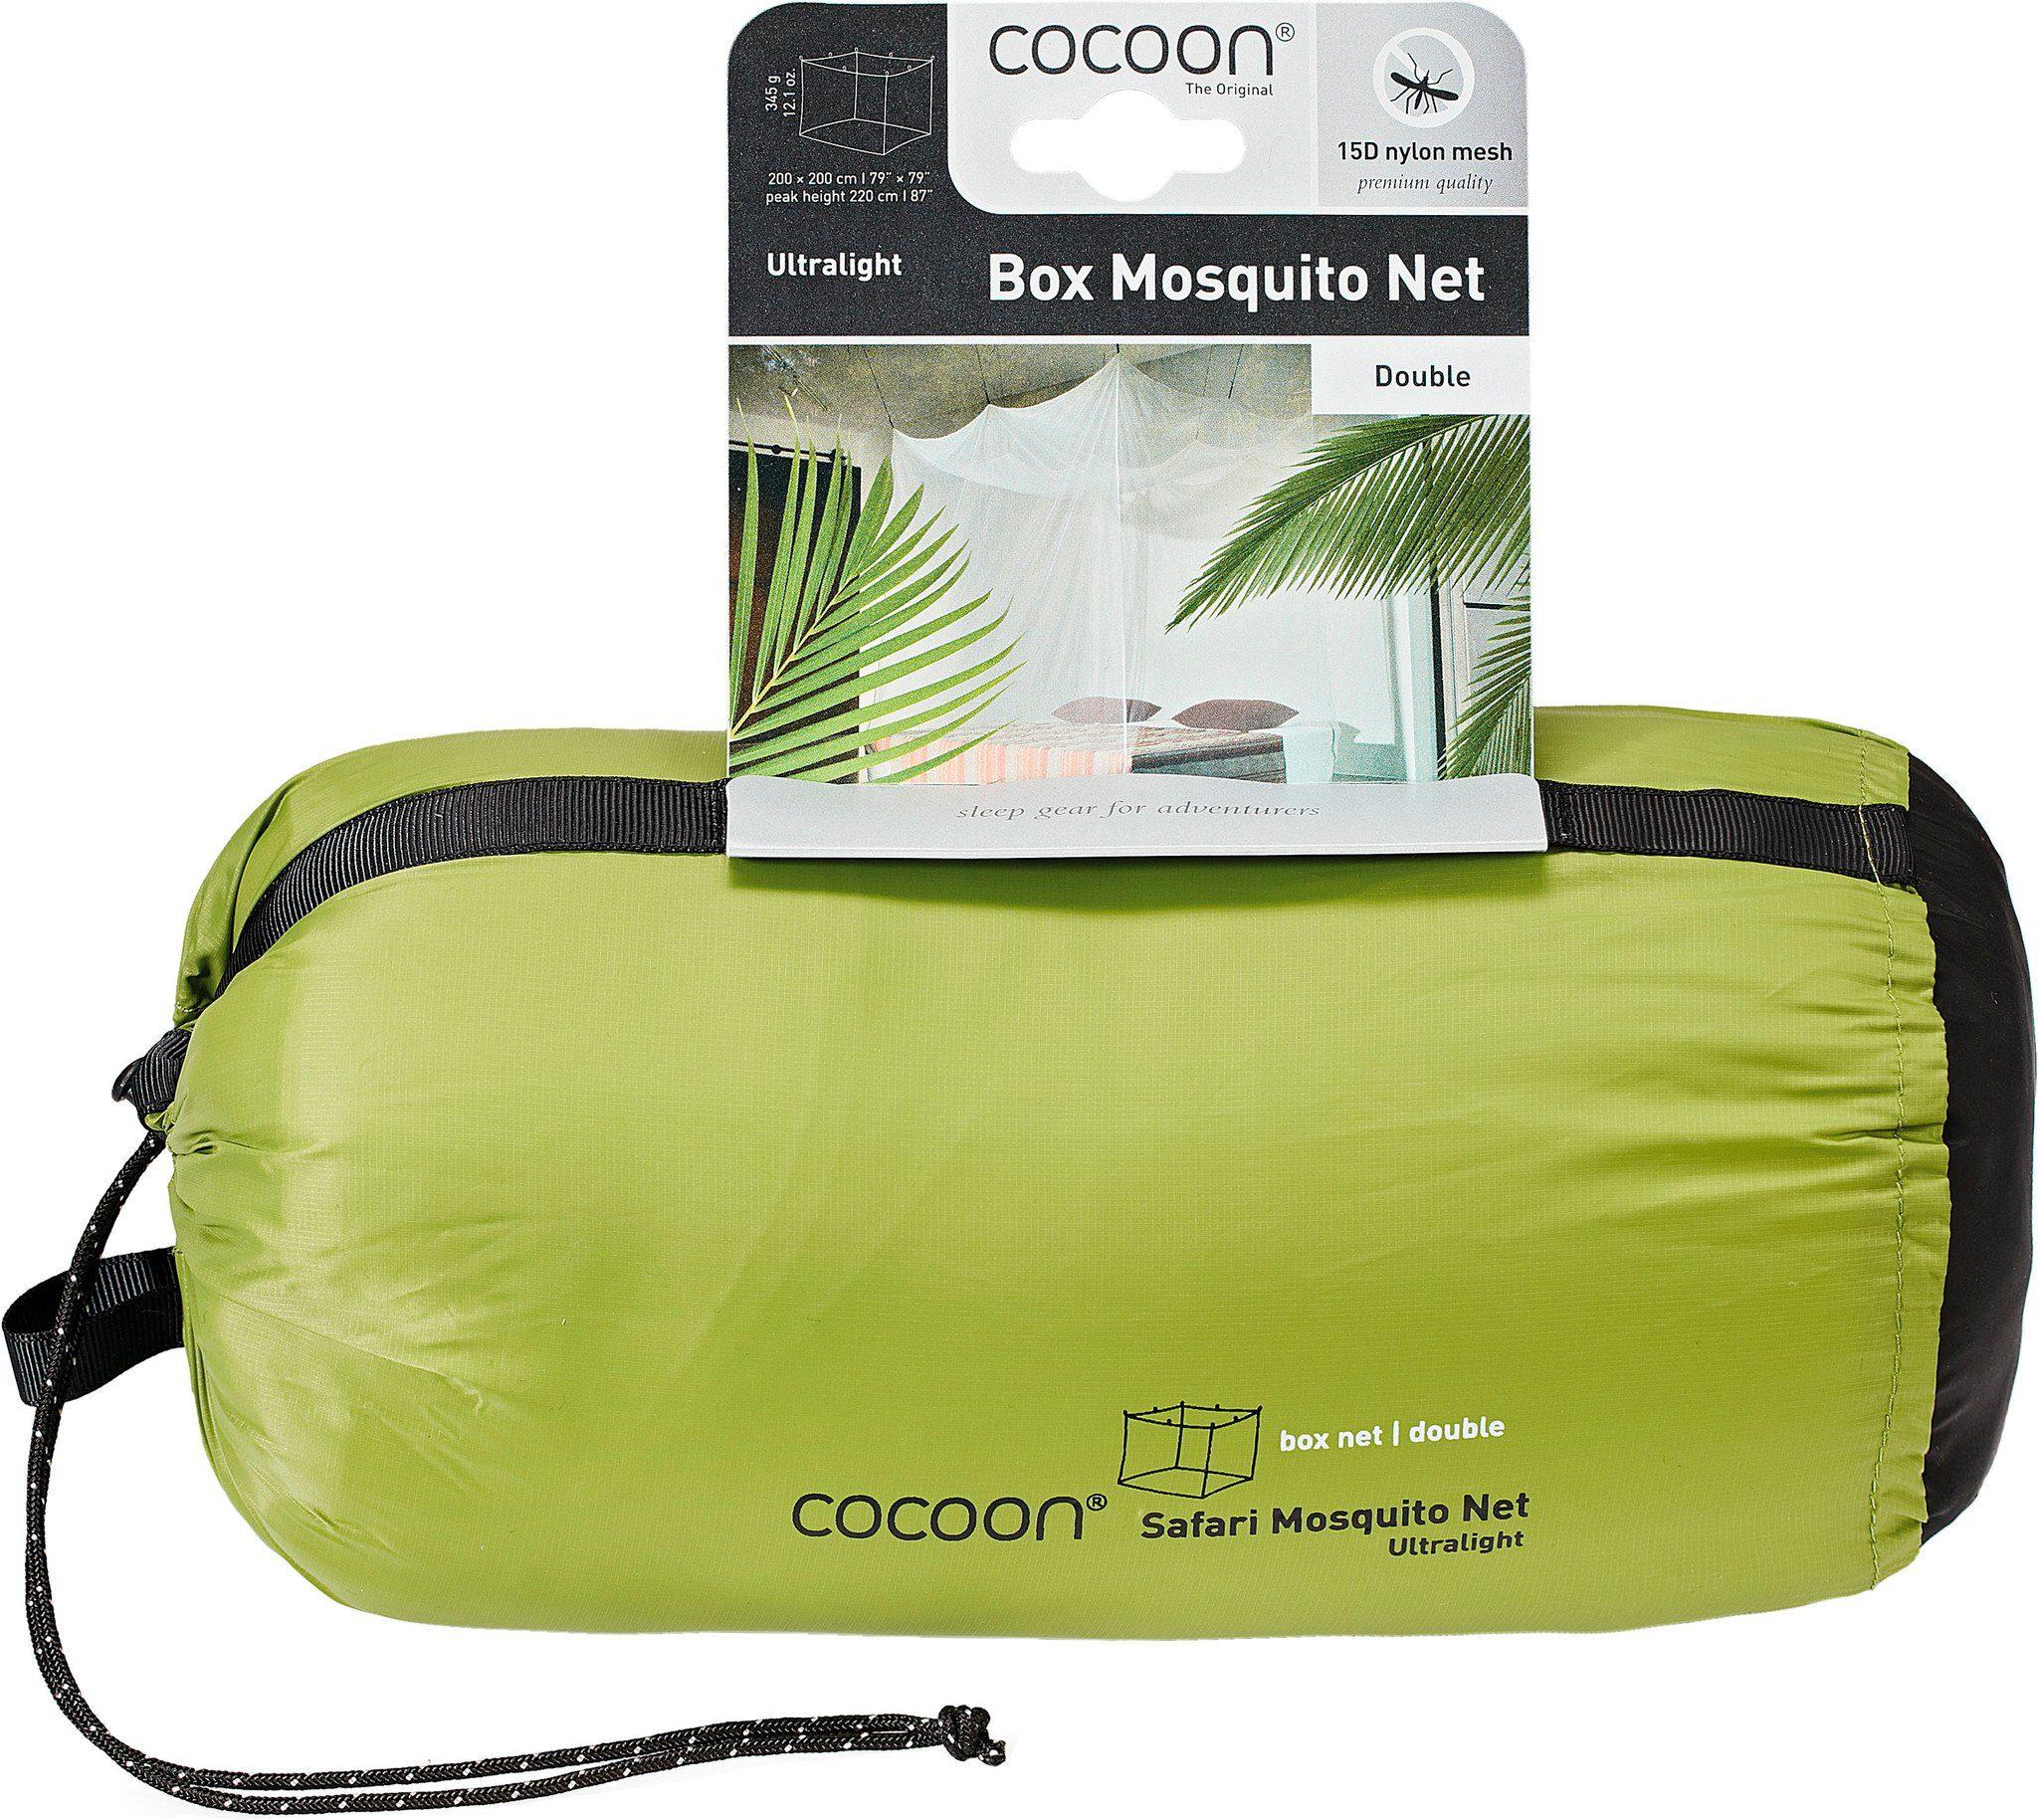 Cocoon Zeltzubehör »Mosquito Box Net Ultralight Double«